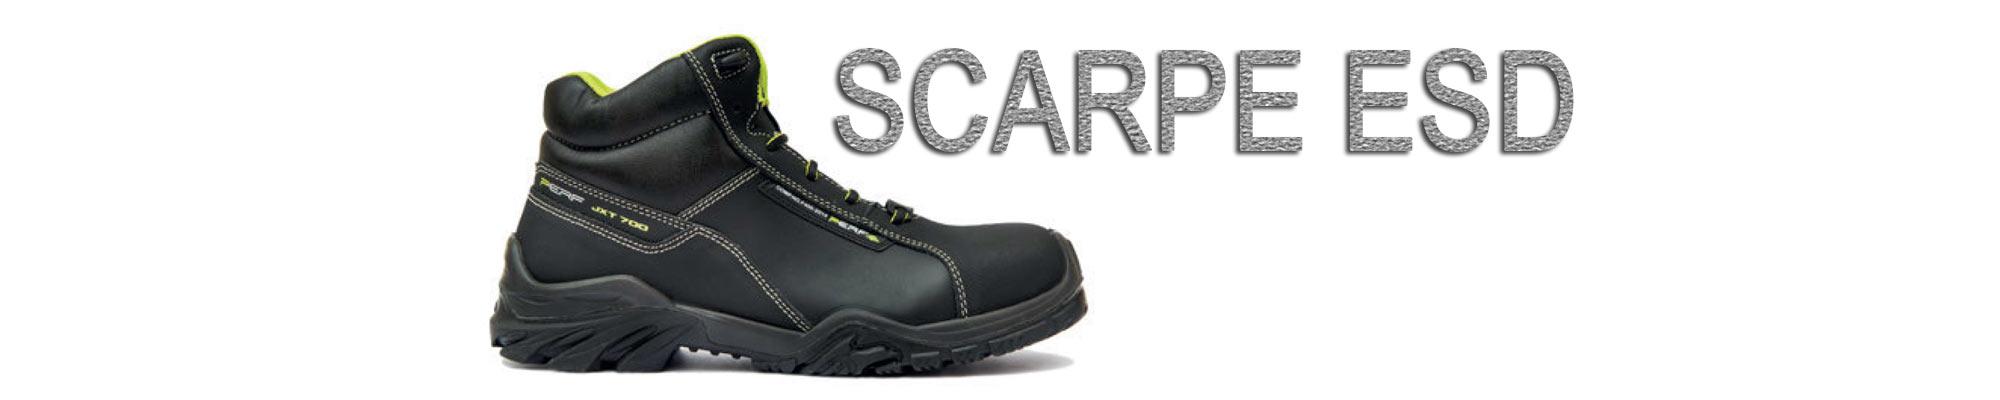 COSA SONO LE SCARPE ESD? Le calzature marcate ESD rispetto alle normali calzature antinfortunistiche dotate della sola marcatura di antistaticità (A), sono elettricamente dissipative e quindi scaricano in continuazione al suolo…